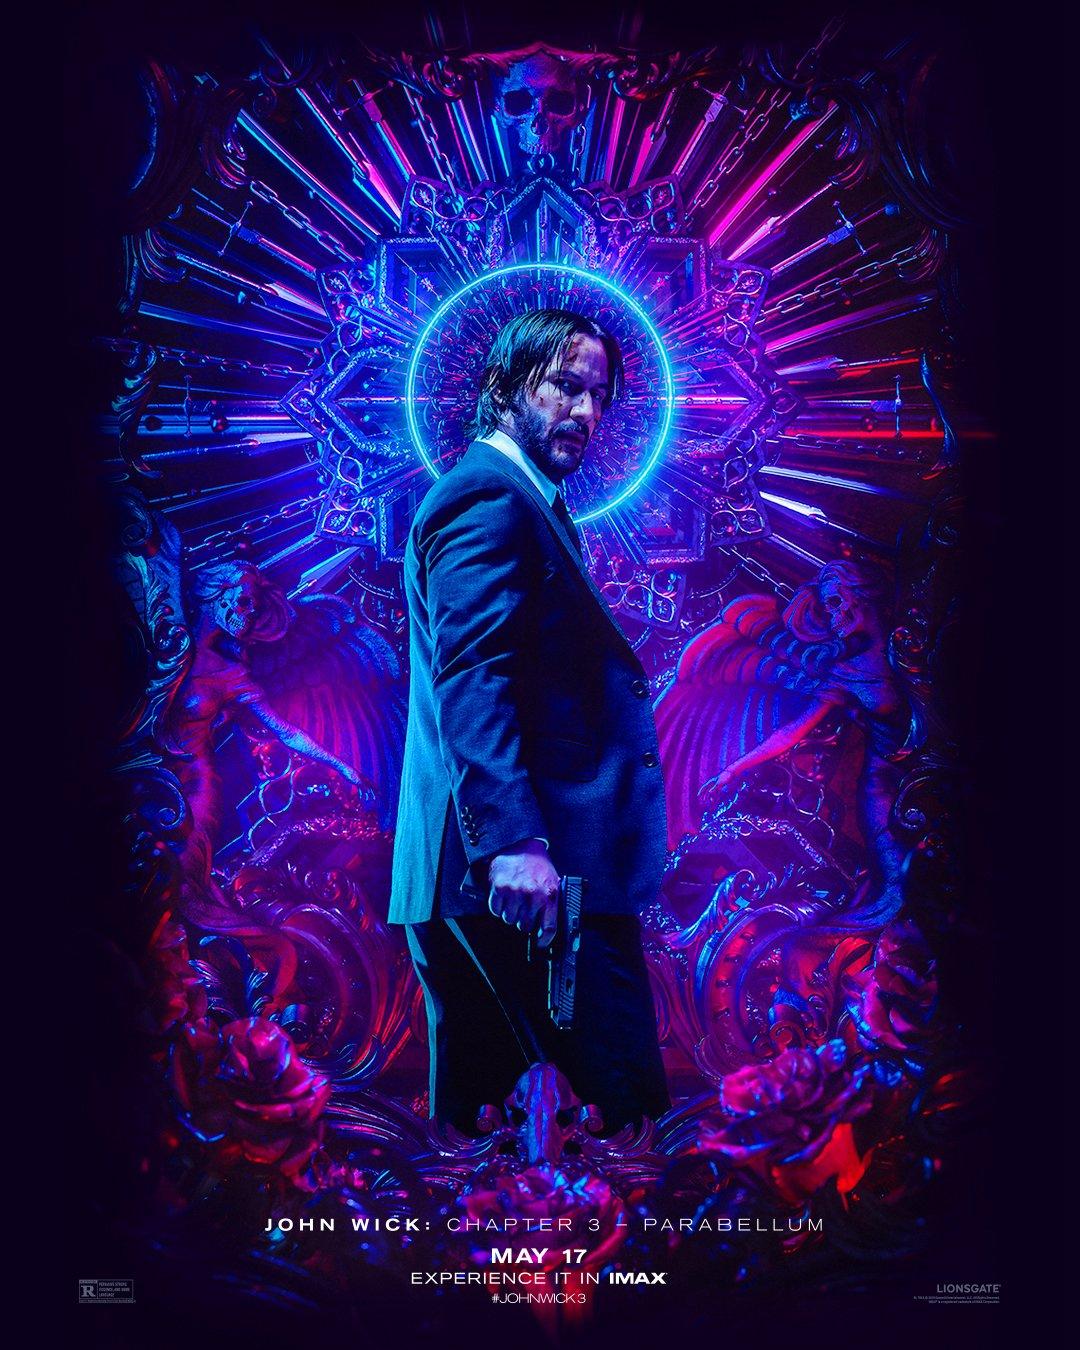 Póster IMAX de John Wick: Chapter 3 – Parabellum (2019). Imagen: IMAX Twitter (@IMAX).